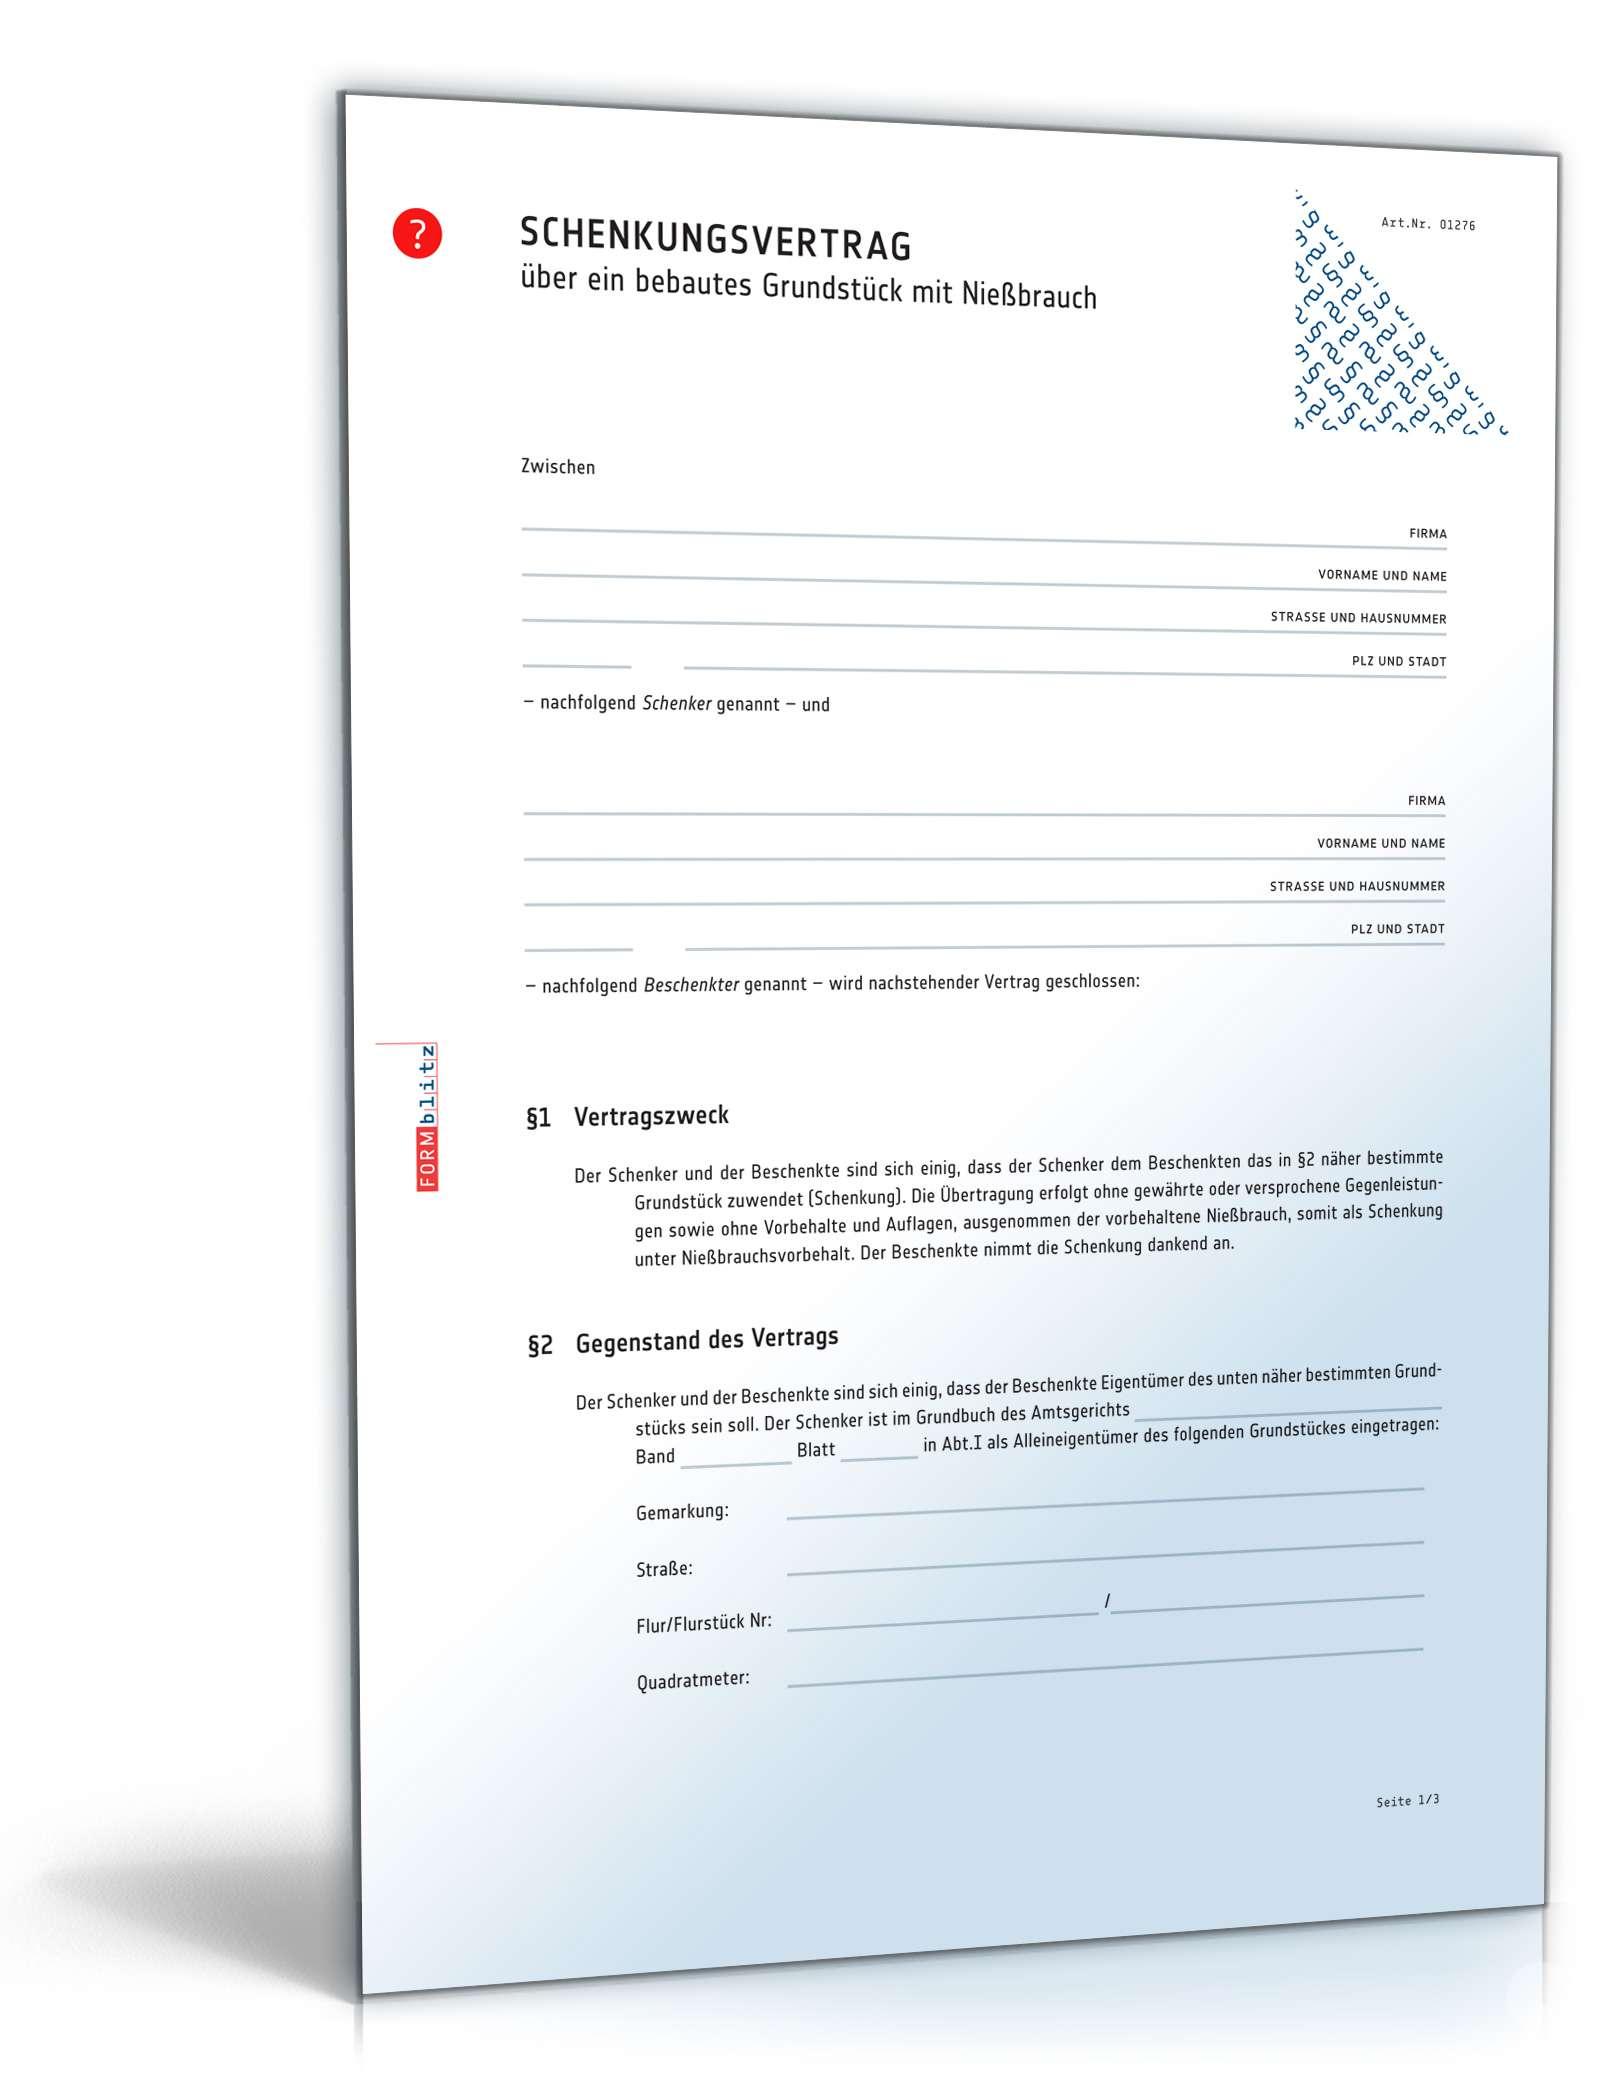 Schenkungsvertrag Grundstück Mit Nießbrauch Muster Zum Download